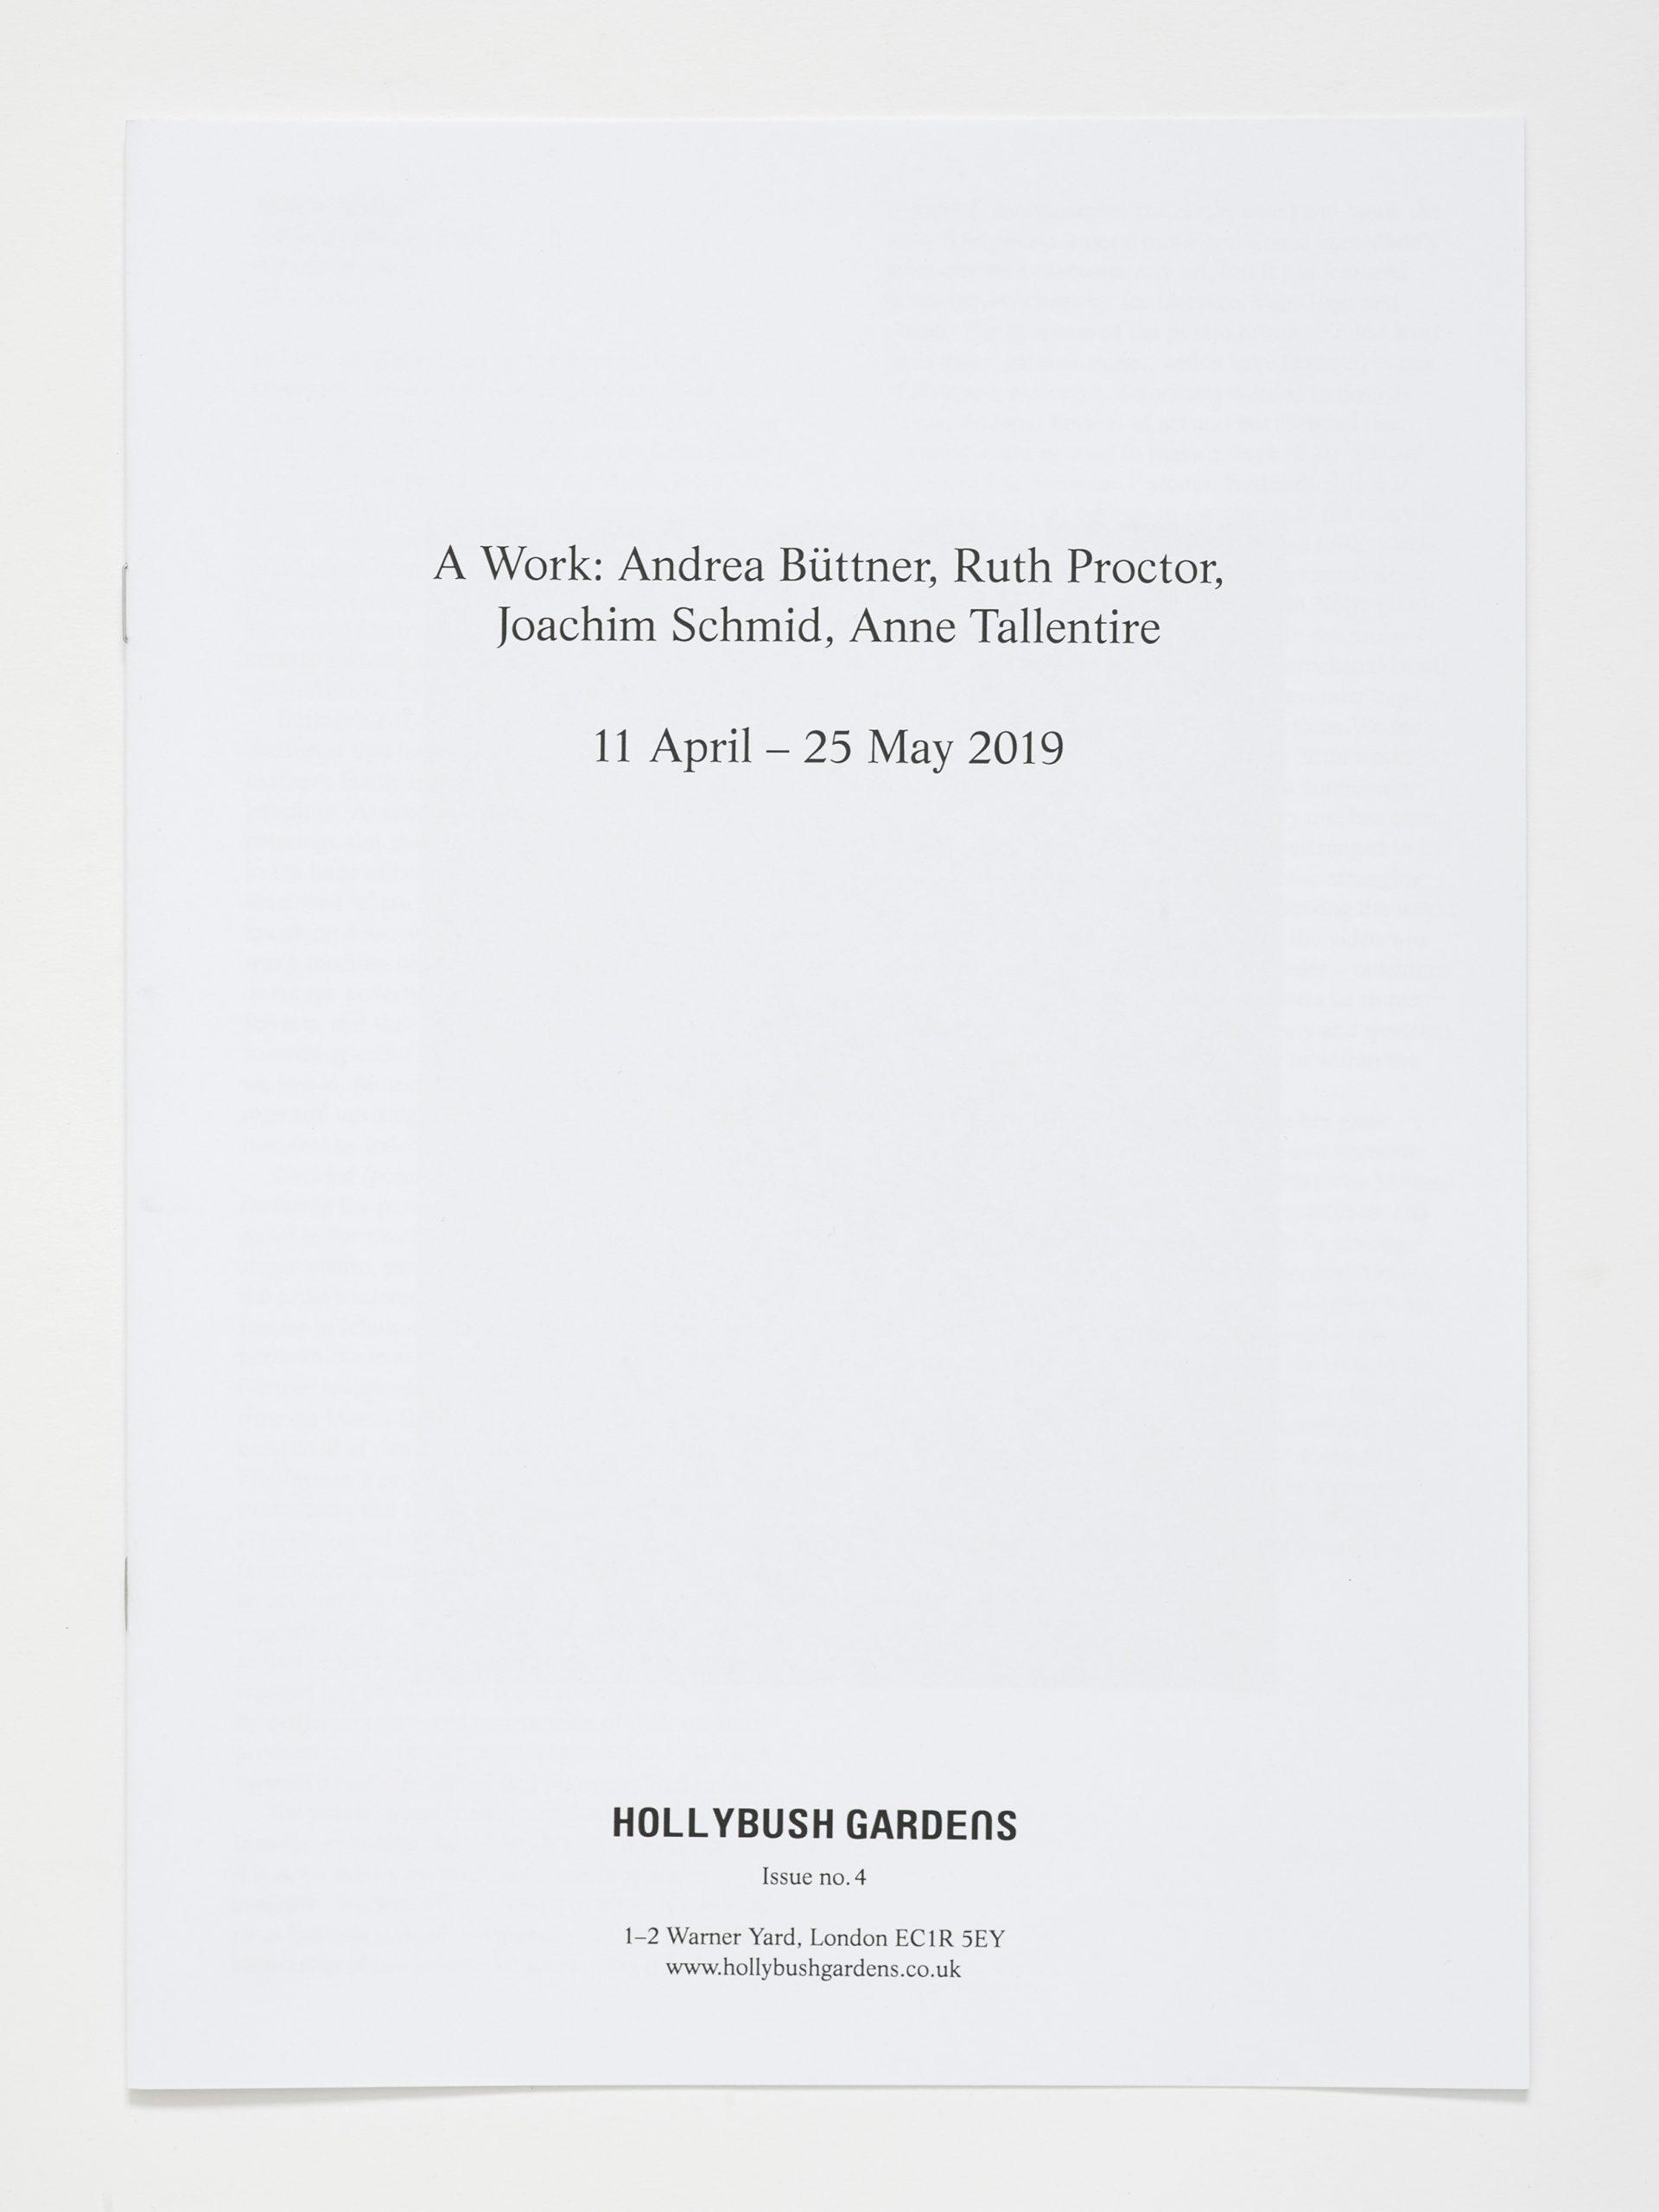 Hollybush Issue 4: A Work